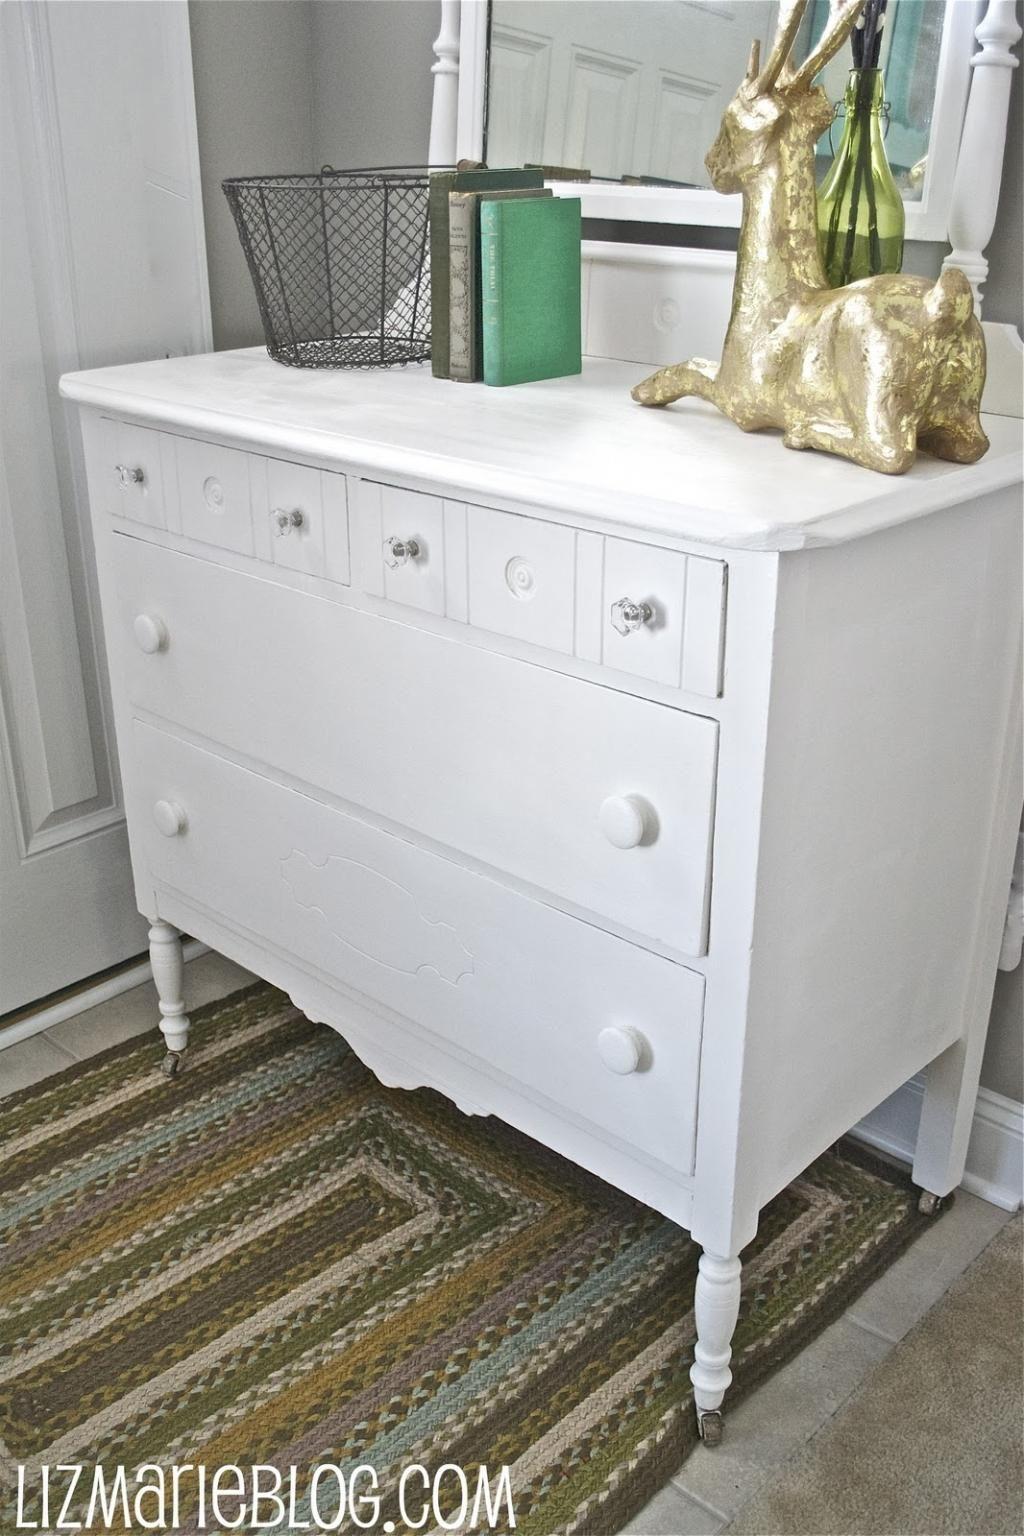 2 recettes faciles de peinture la craie projets. Black Bedroom Furniture Sets. Home Design Ideas